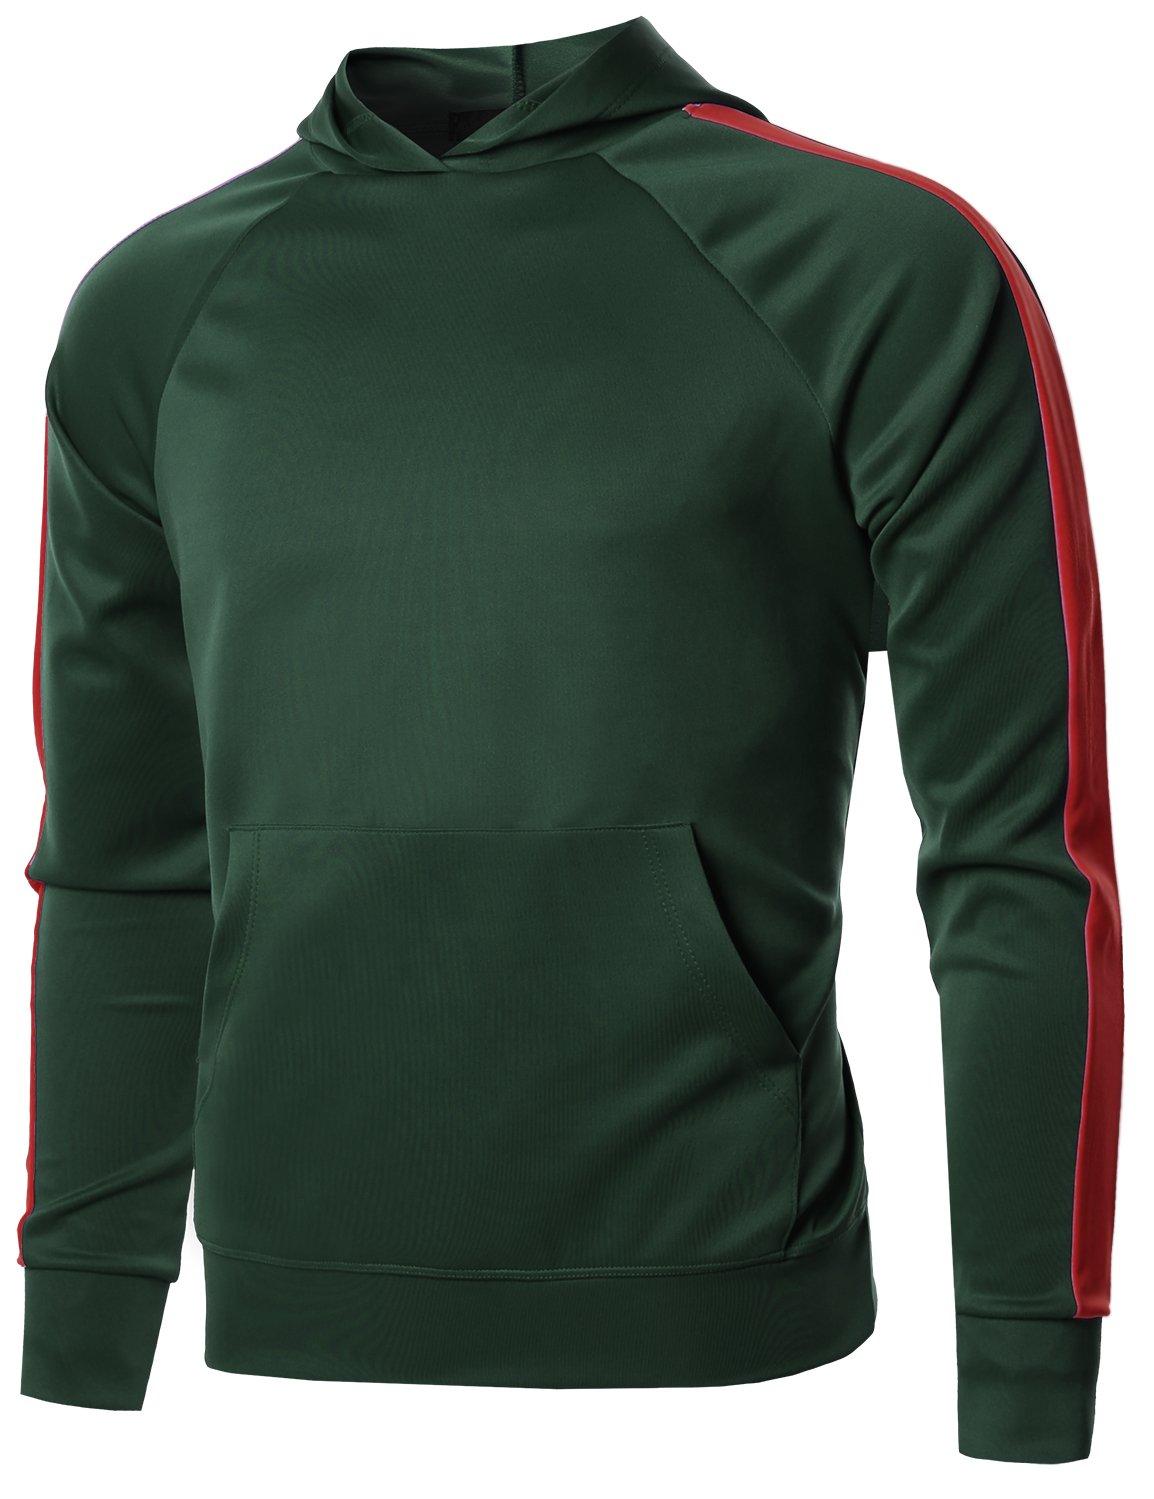 Style by William PANTS メンズ B07B8TF6YN XX-Large|Fsmhdl0008 Green Red Fsmhdl0008 Green Red XX-Large